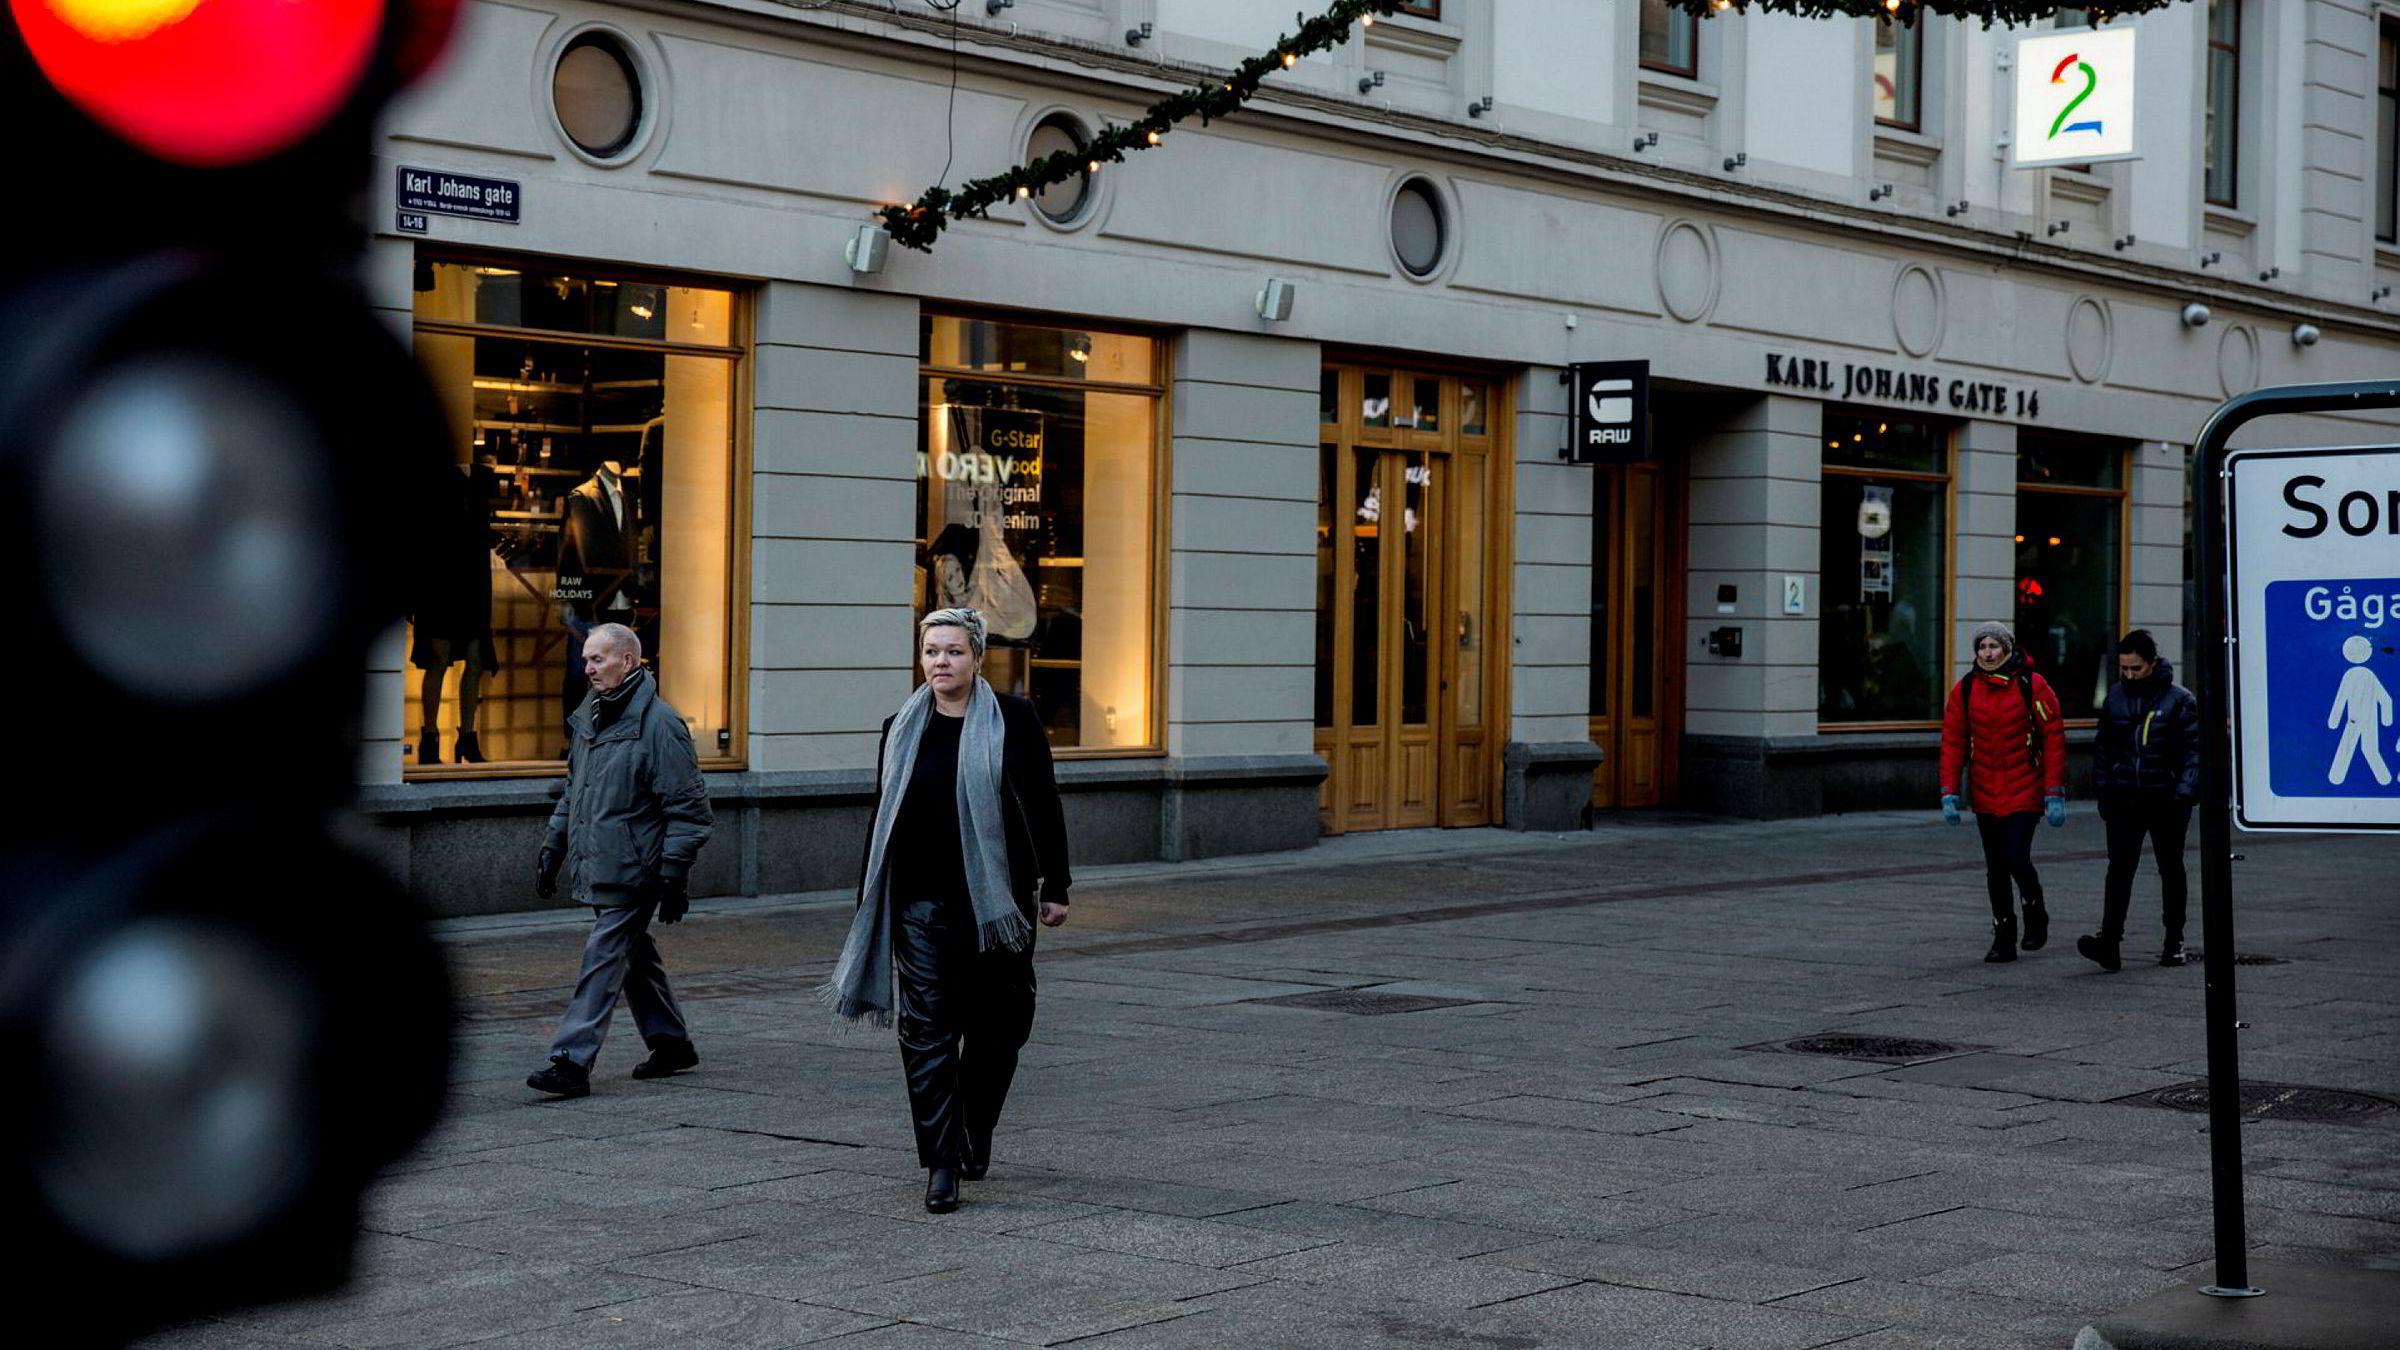 Klubbleder Henrikke Helland i TV 2 sier de ansatte i kanalen opplever spørsmålsskjemaene fra ledelsen som tøffe.